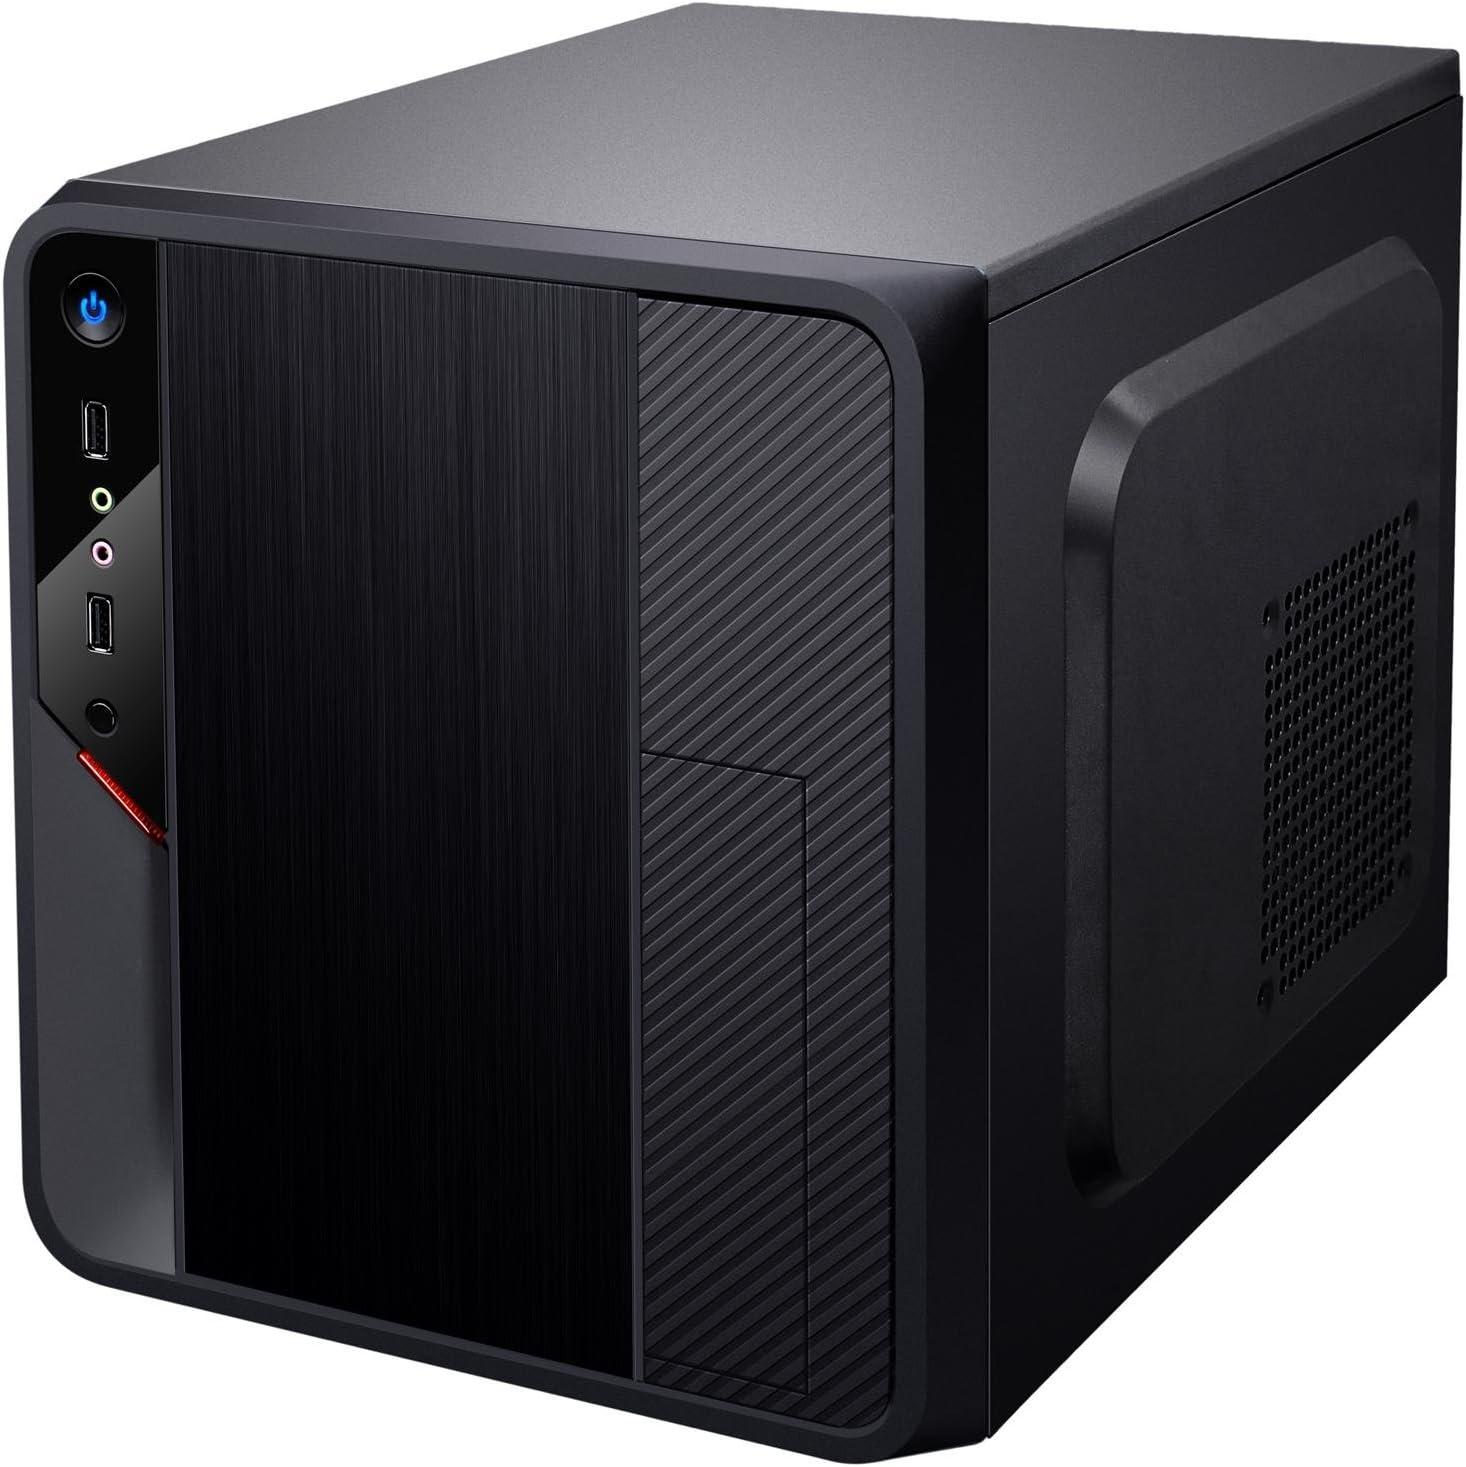 iTek Spacebox Cubo Negro - Caja de Ordenador (Cubo, PC, Negro, Micro ATX, 31,6 cm, Fondo): Amazon.es: Informática